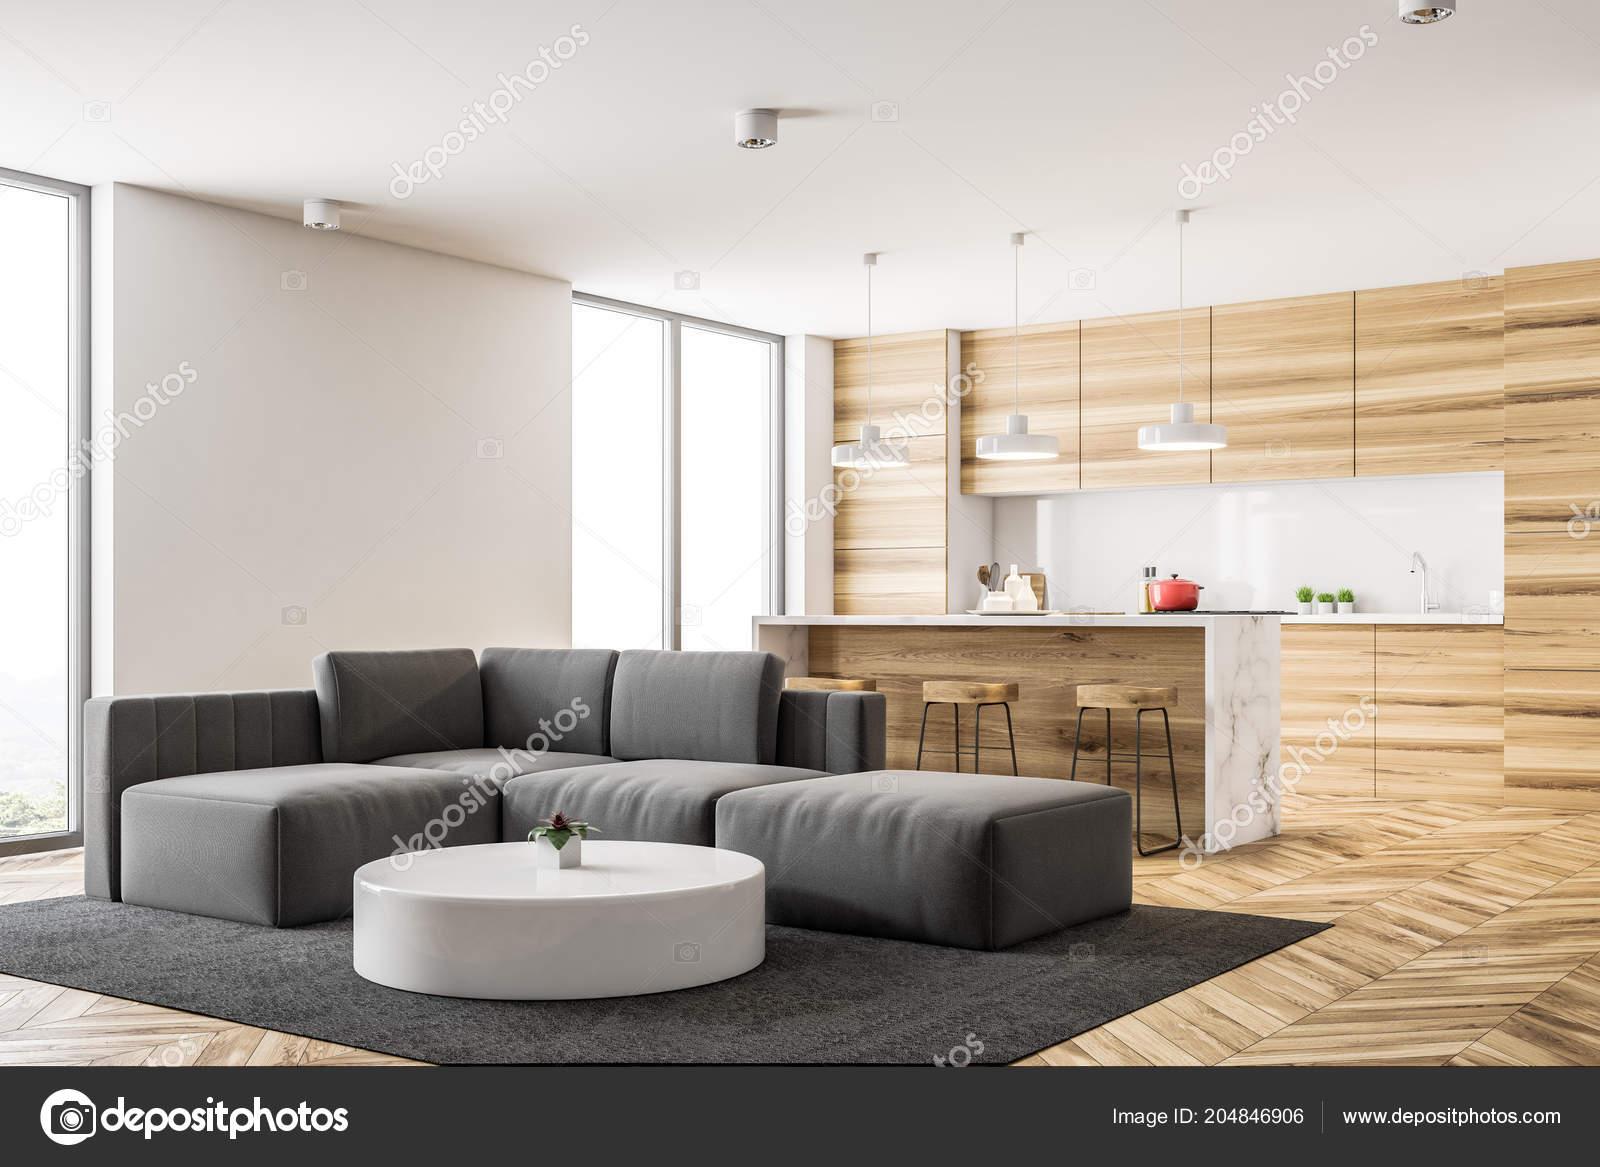 Angolo cucina legno con bar loft windows soggiorno con divano u2014 foto